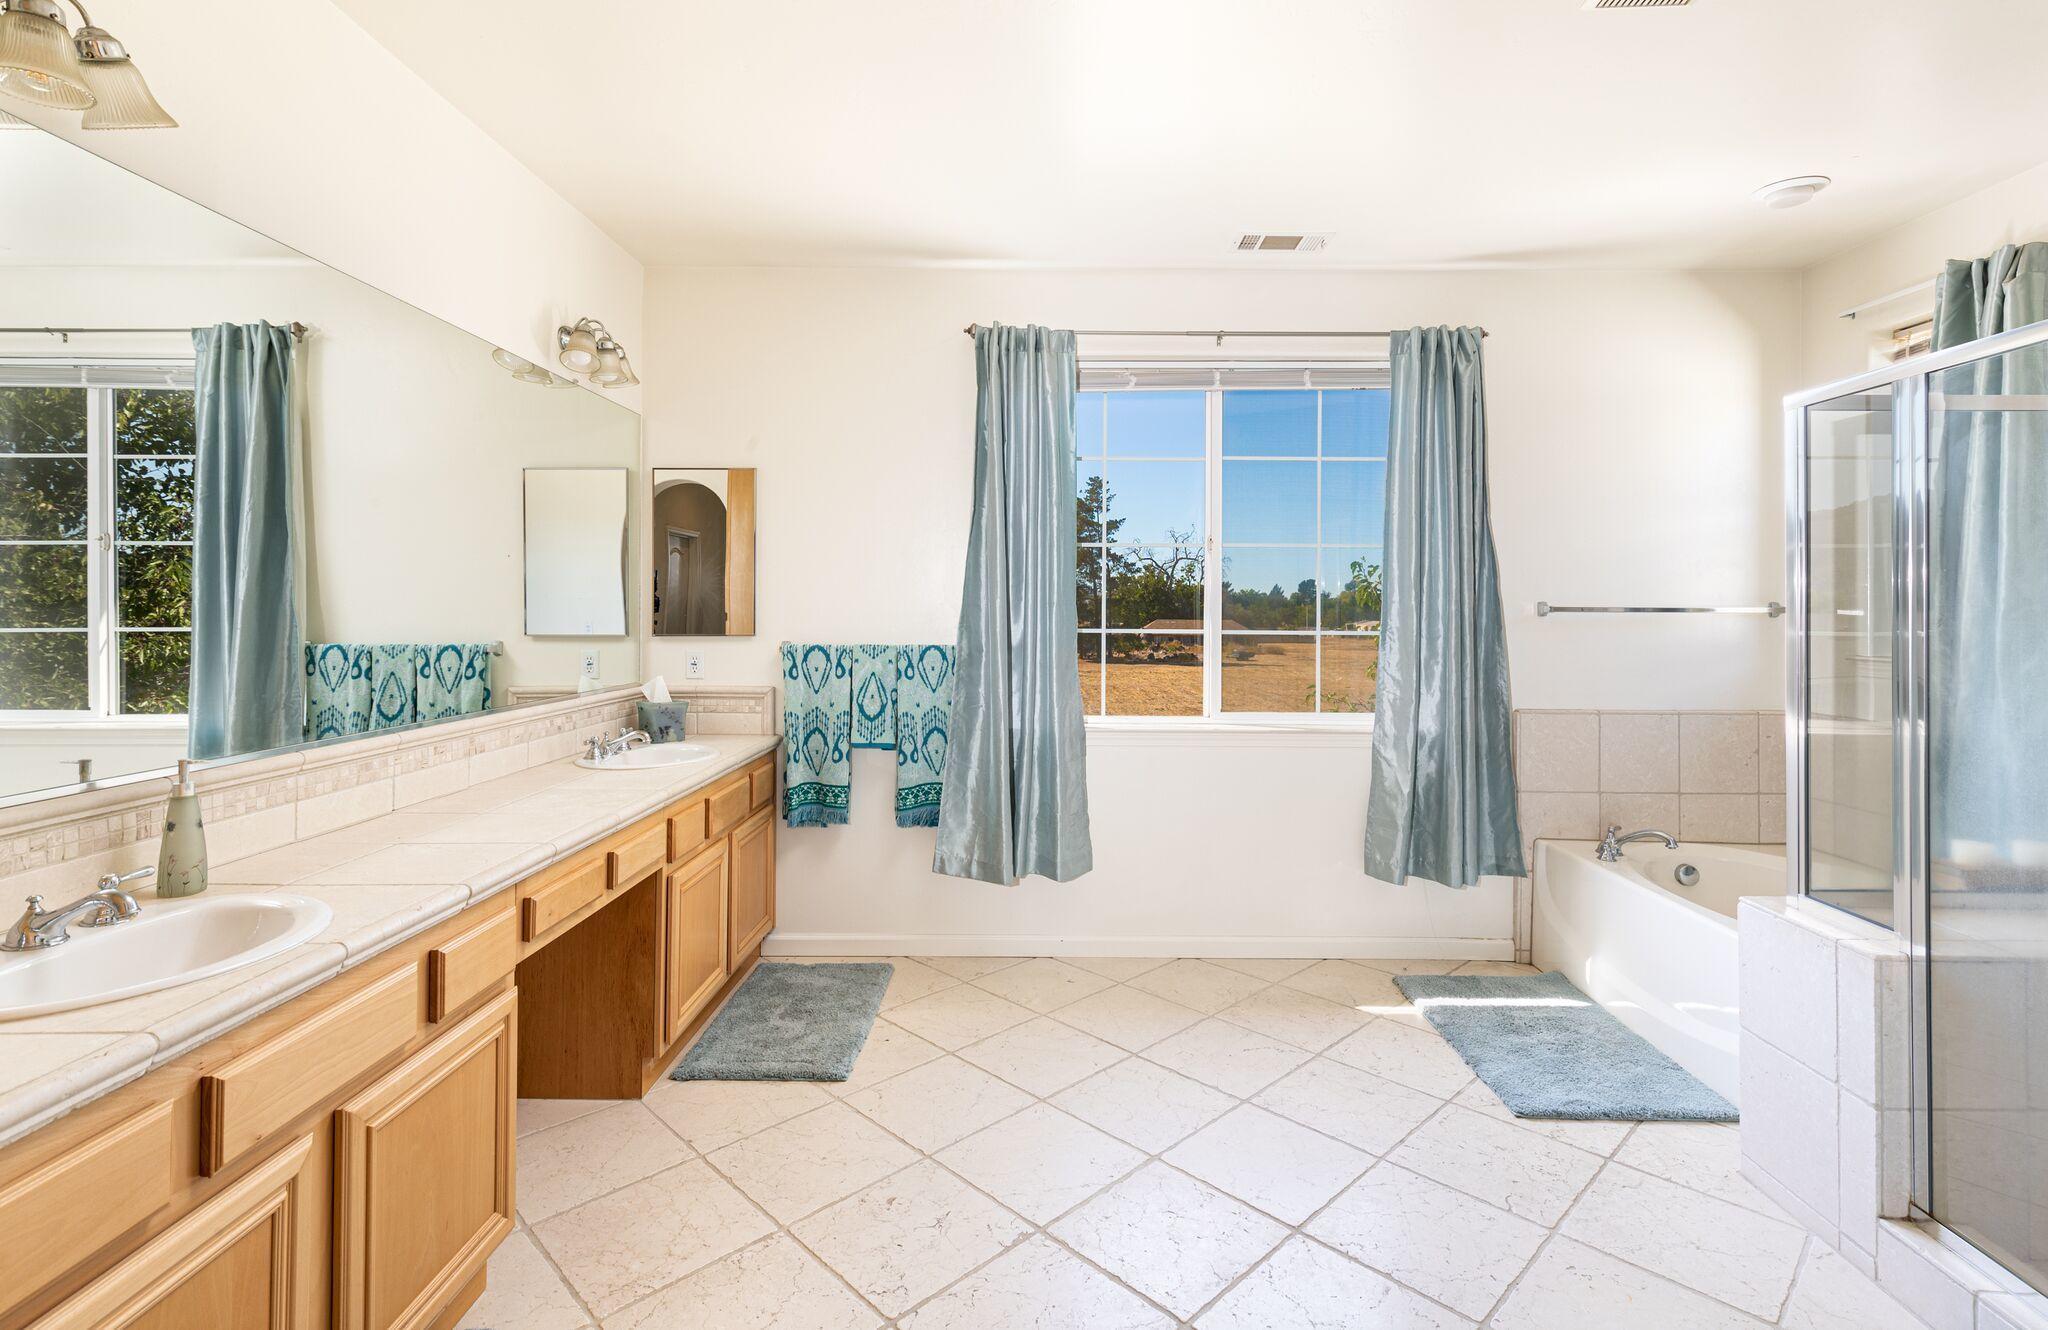 370 Price Ranch Rd Los Alamos, CA 93440